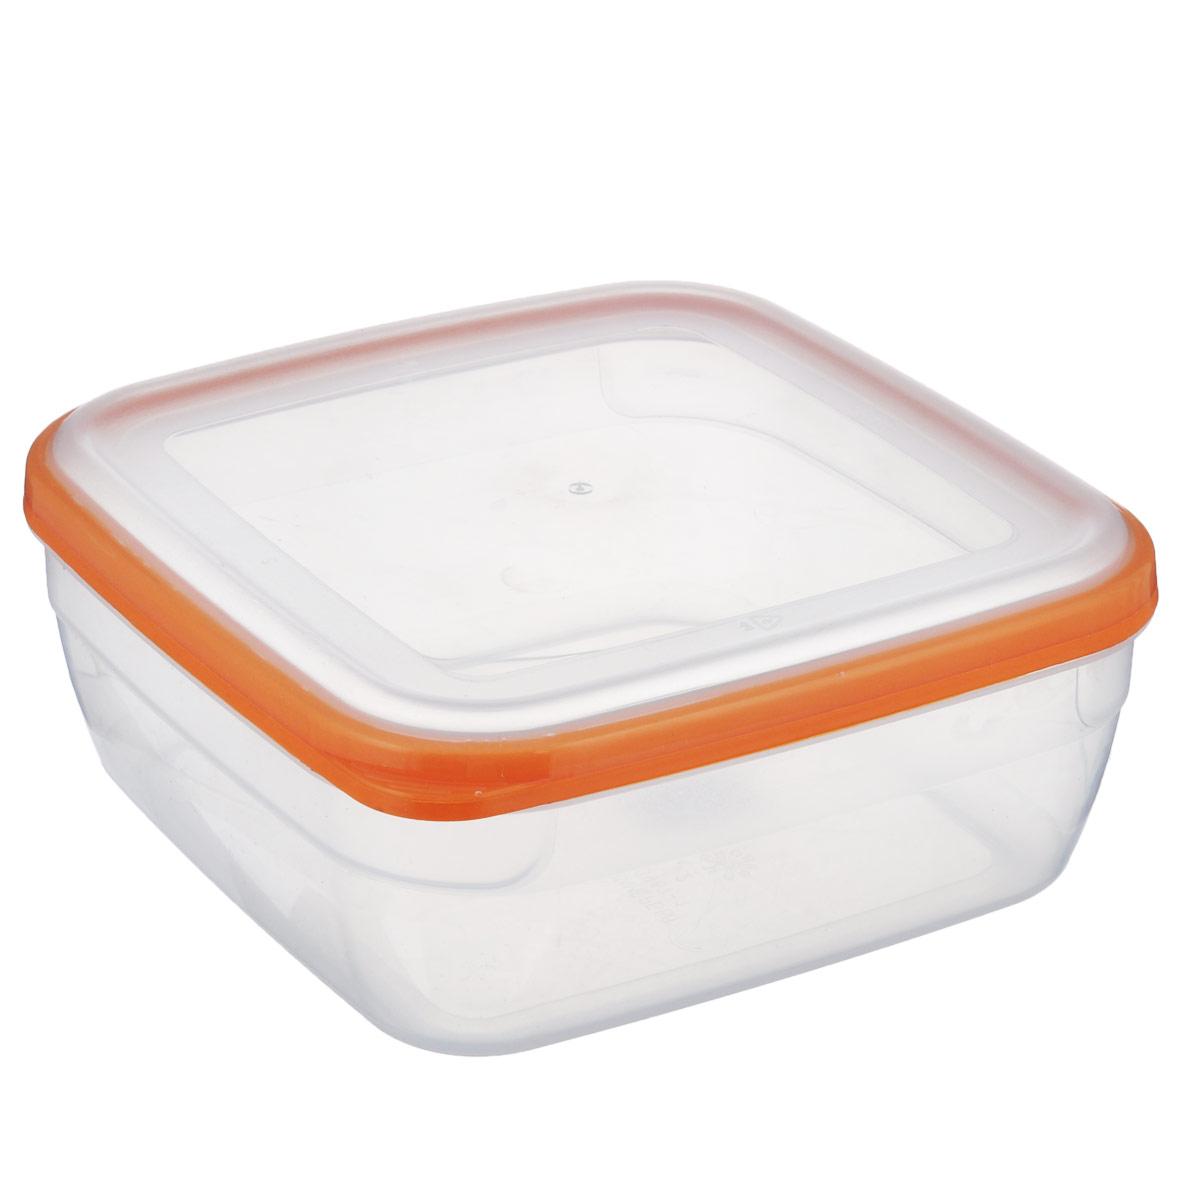 Контейнер Полимербыт Премиум, цвет: прозрачный, оранжевый, 2,2 л контейнер полимербыт каскад цвет прозрачный сиреневый 1 л